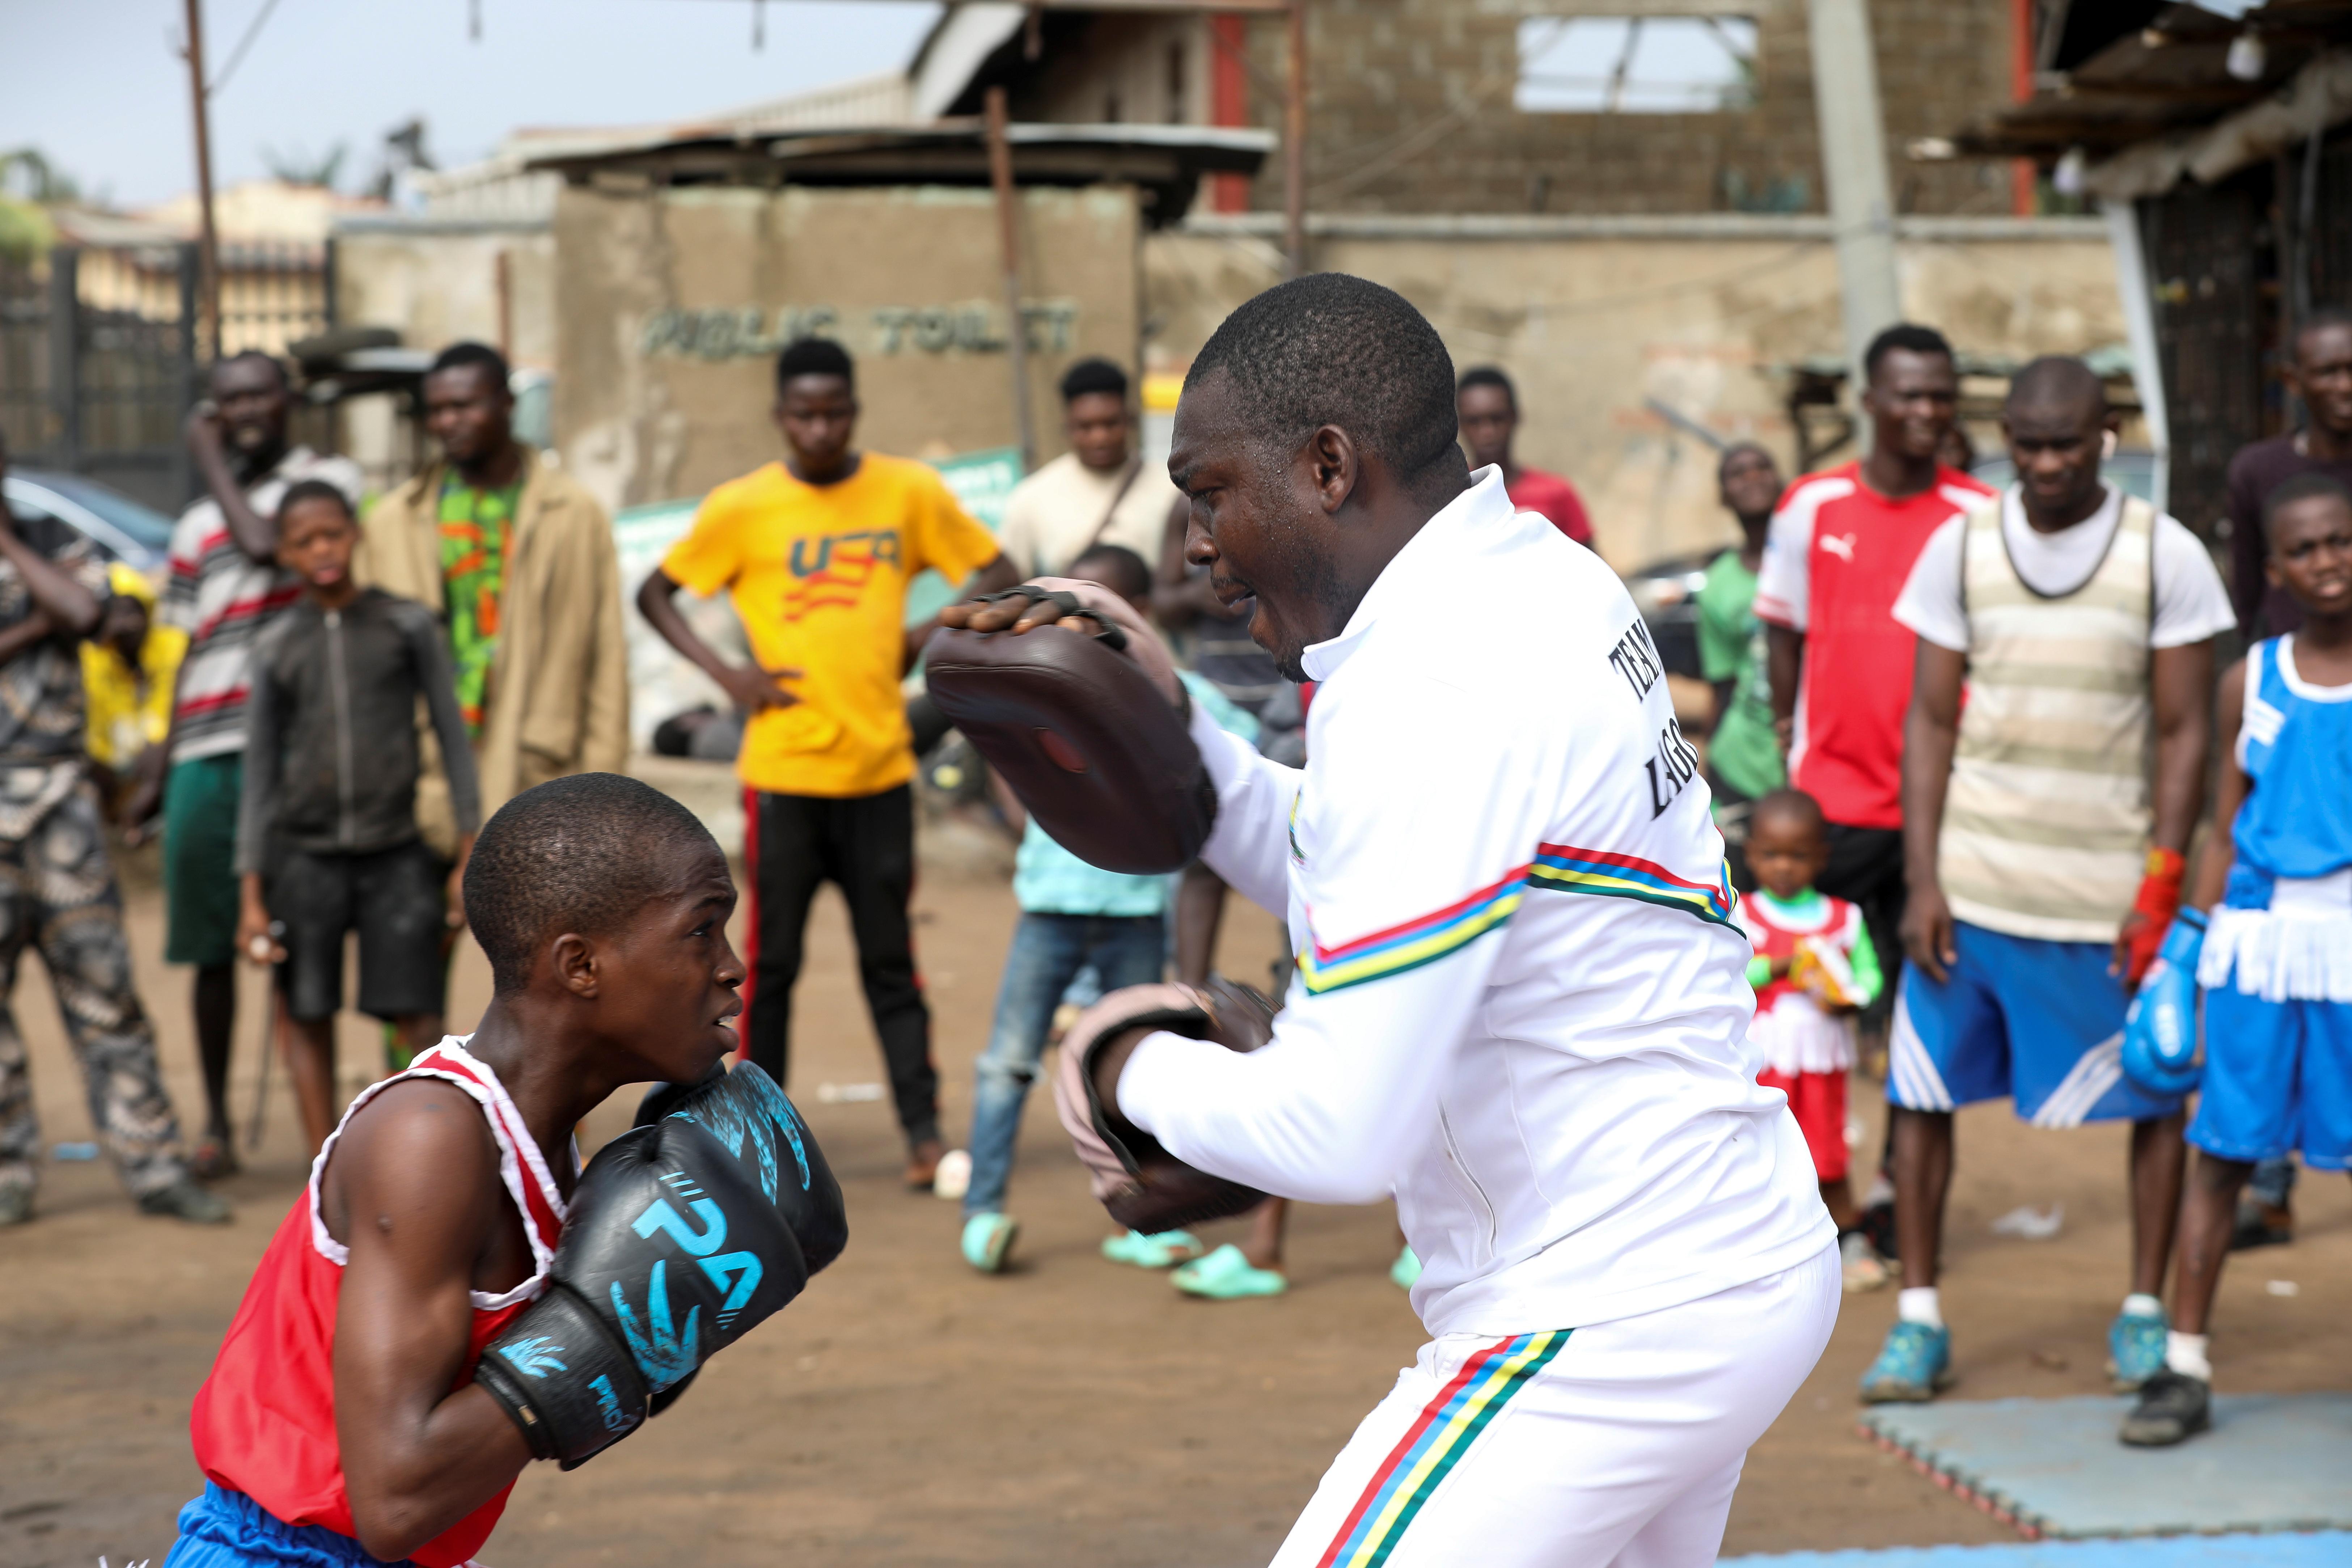 Boxer Tijani Abdulazeez, popularly known as TJ, 15, trains with his father, Abdulfathi Abdulazeez, at an outdoor boxing gym in Adura playground, in Lagos, Nigeria June 5, 2021. REUTERS/Temilade Adelaja